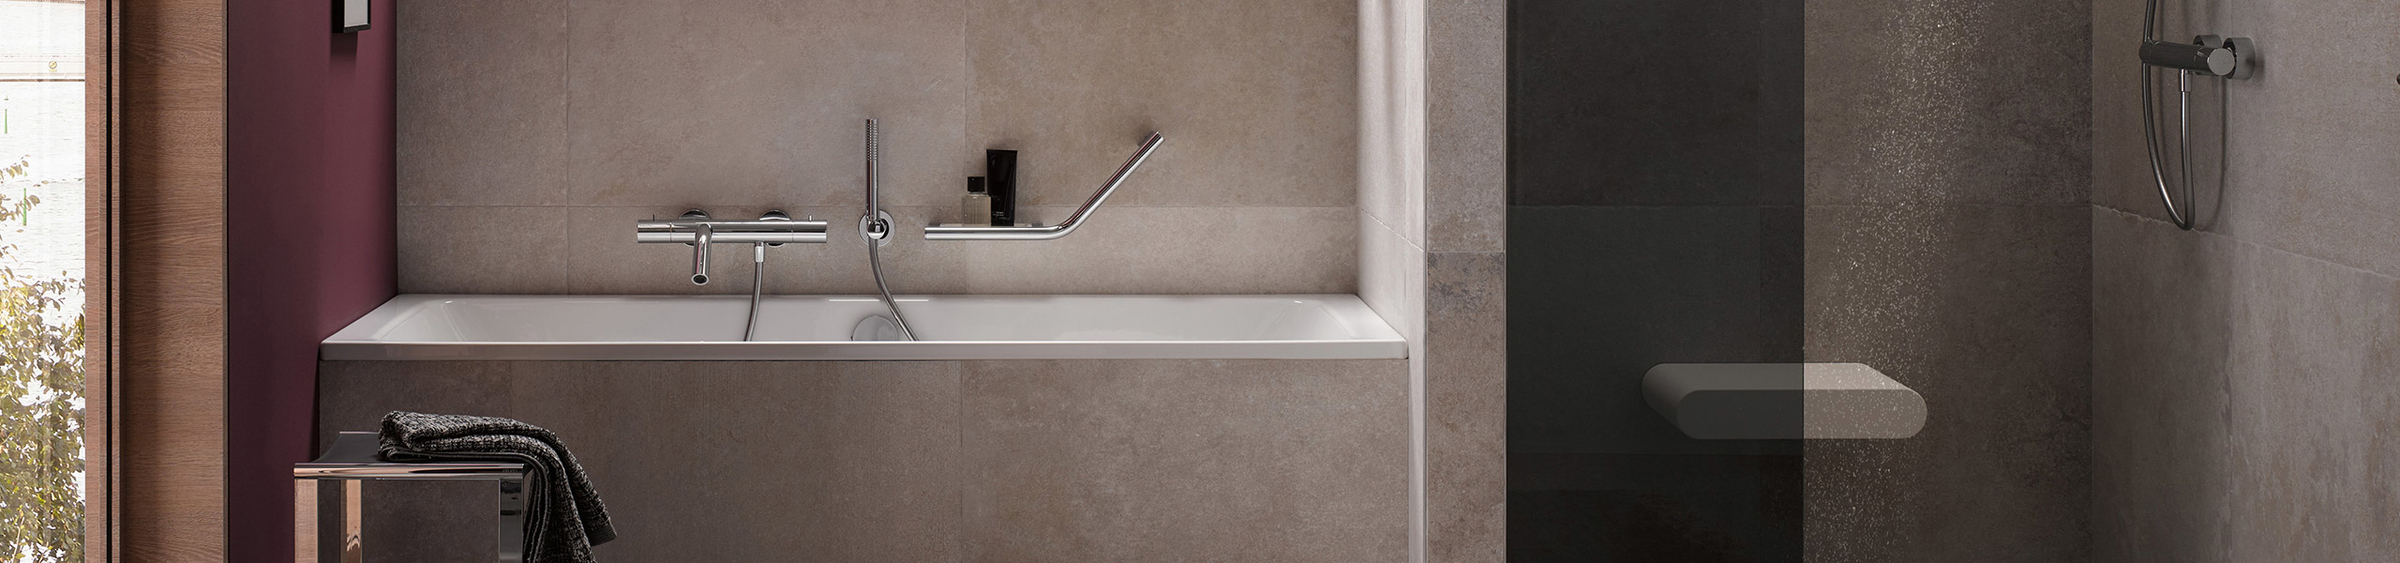 De veilige badkamer voor de toekomst - De veilige badkamer voor de toekomst